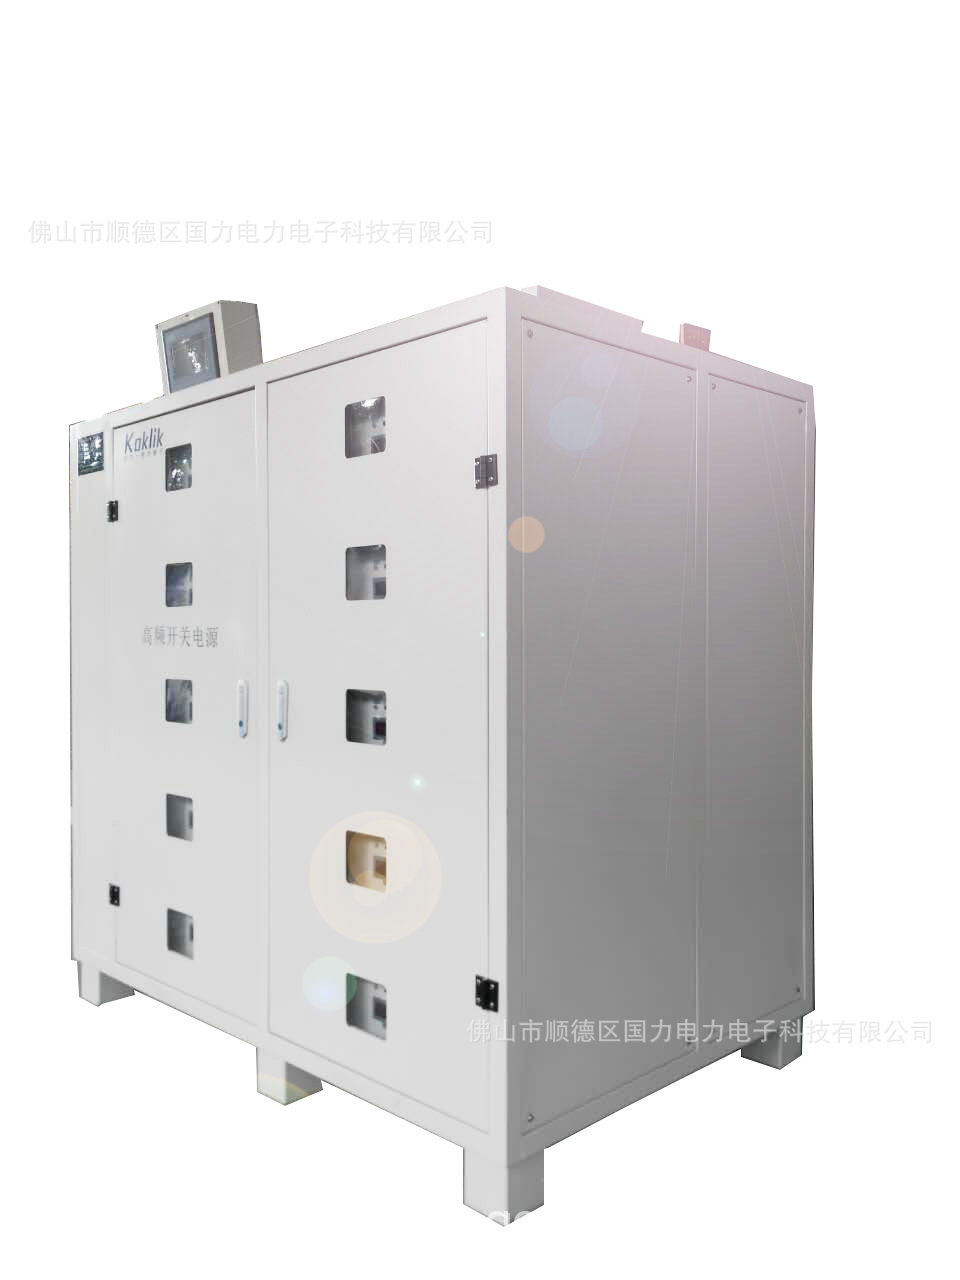 专业研发生产36V正负脉冲换向高效节能污水电解电源/废水净化电源